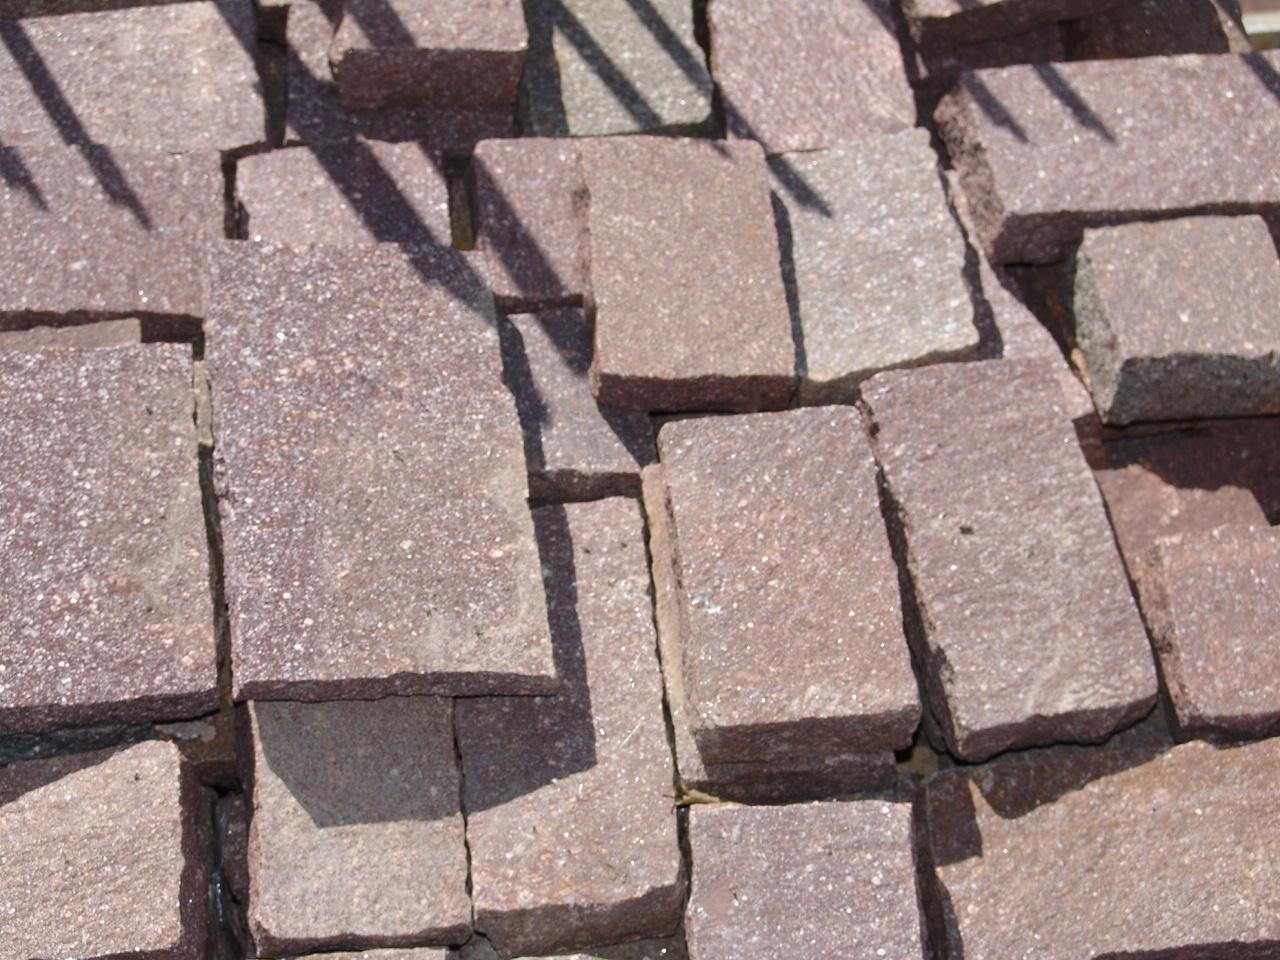 Zem enrico marmi prezzi sassi rivestimento muri super - Piastrelle da esterno ...